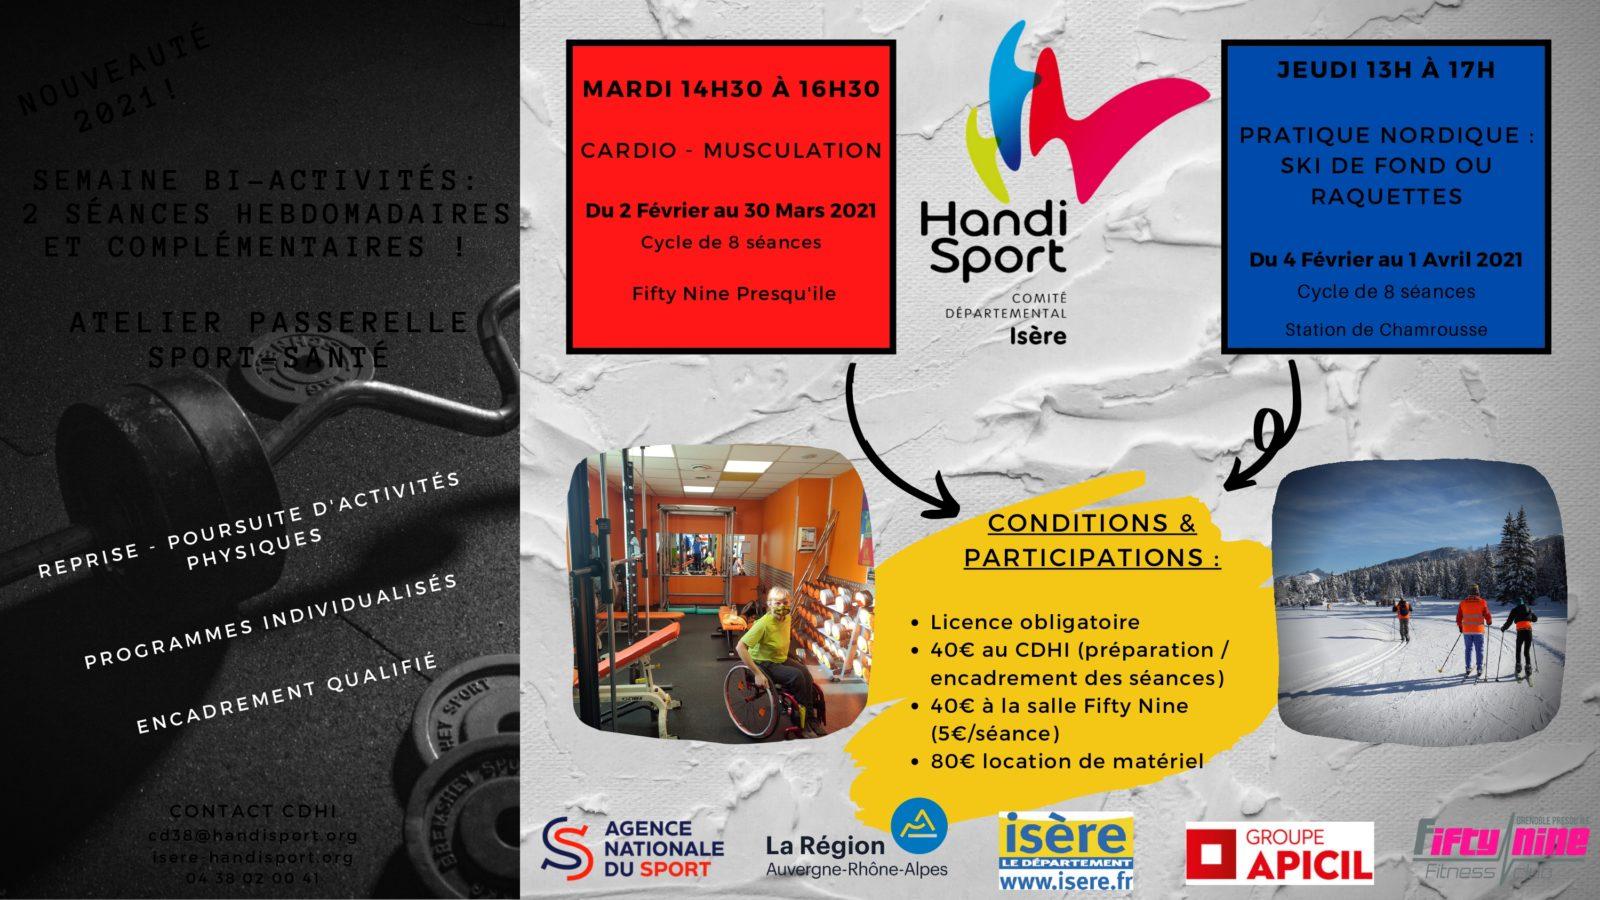 Ateliers Passerelles Sport-Santé